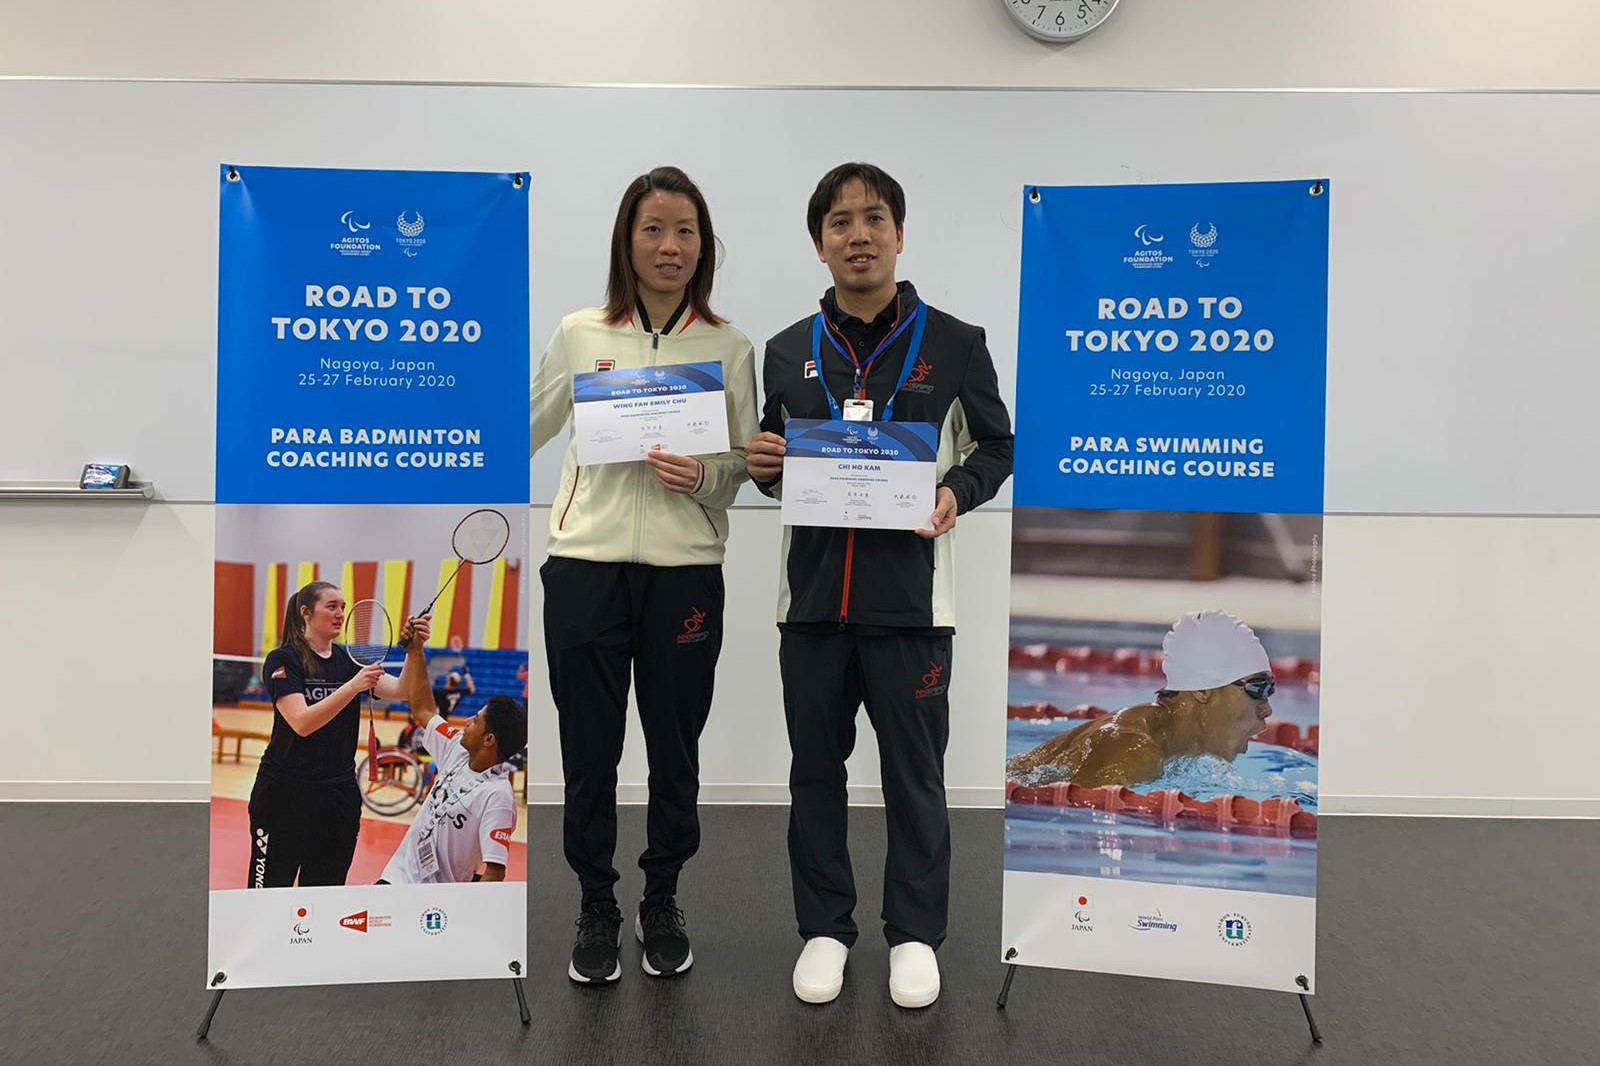 協會代表參加「邁向東京2020」工作坊